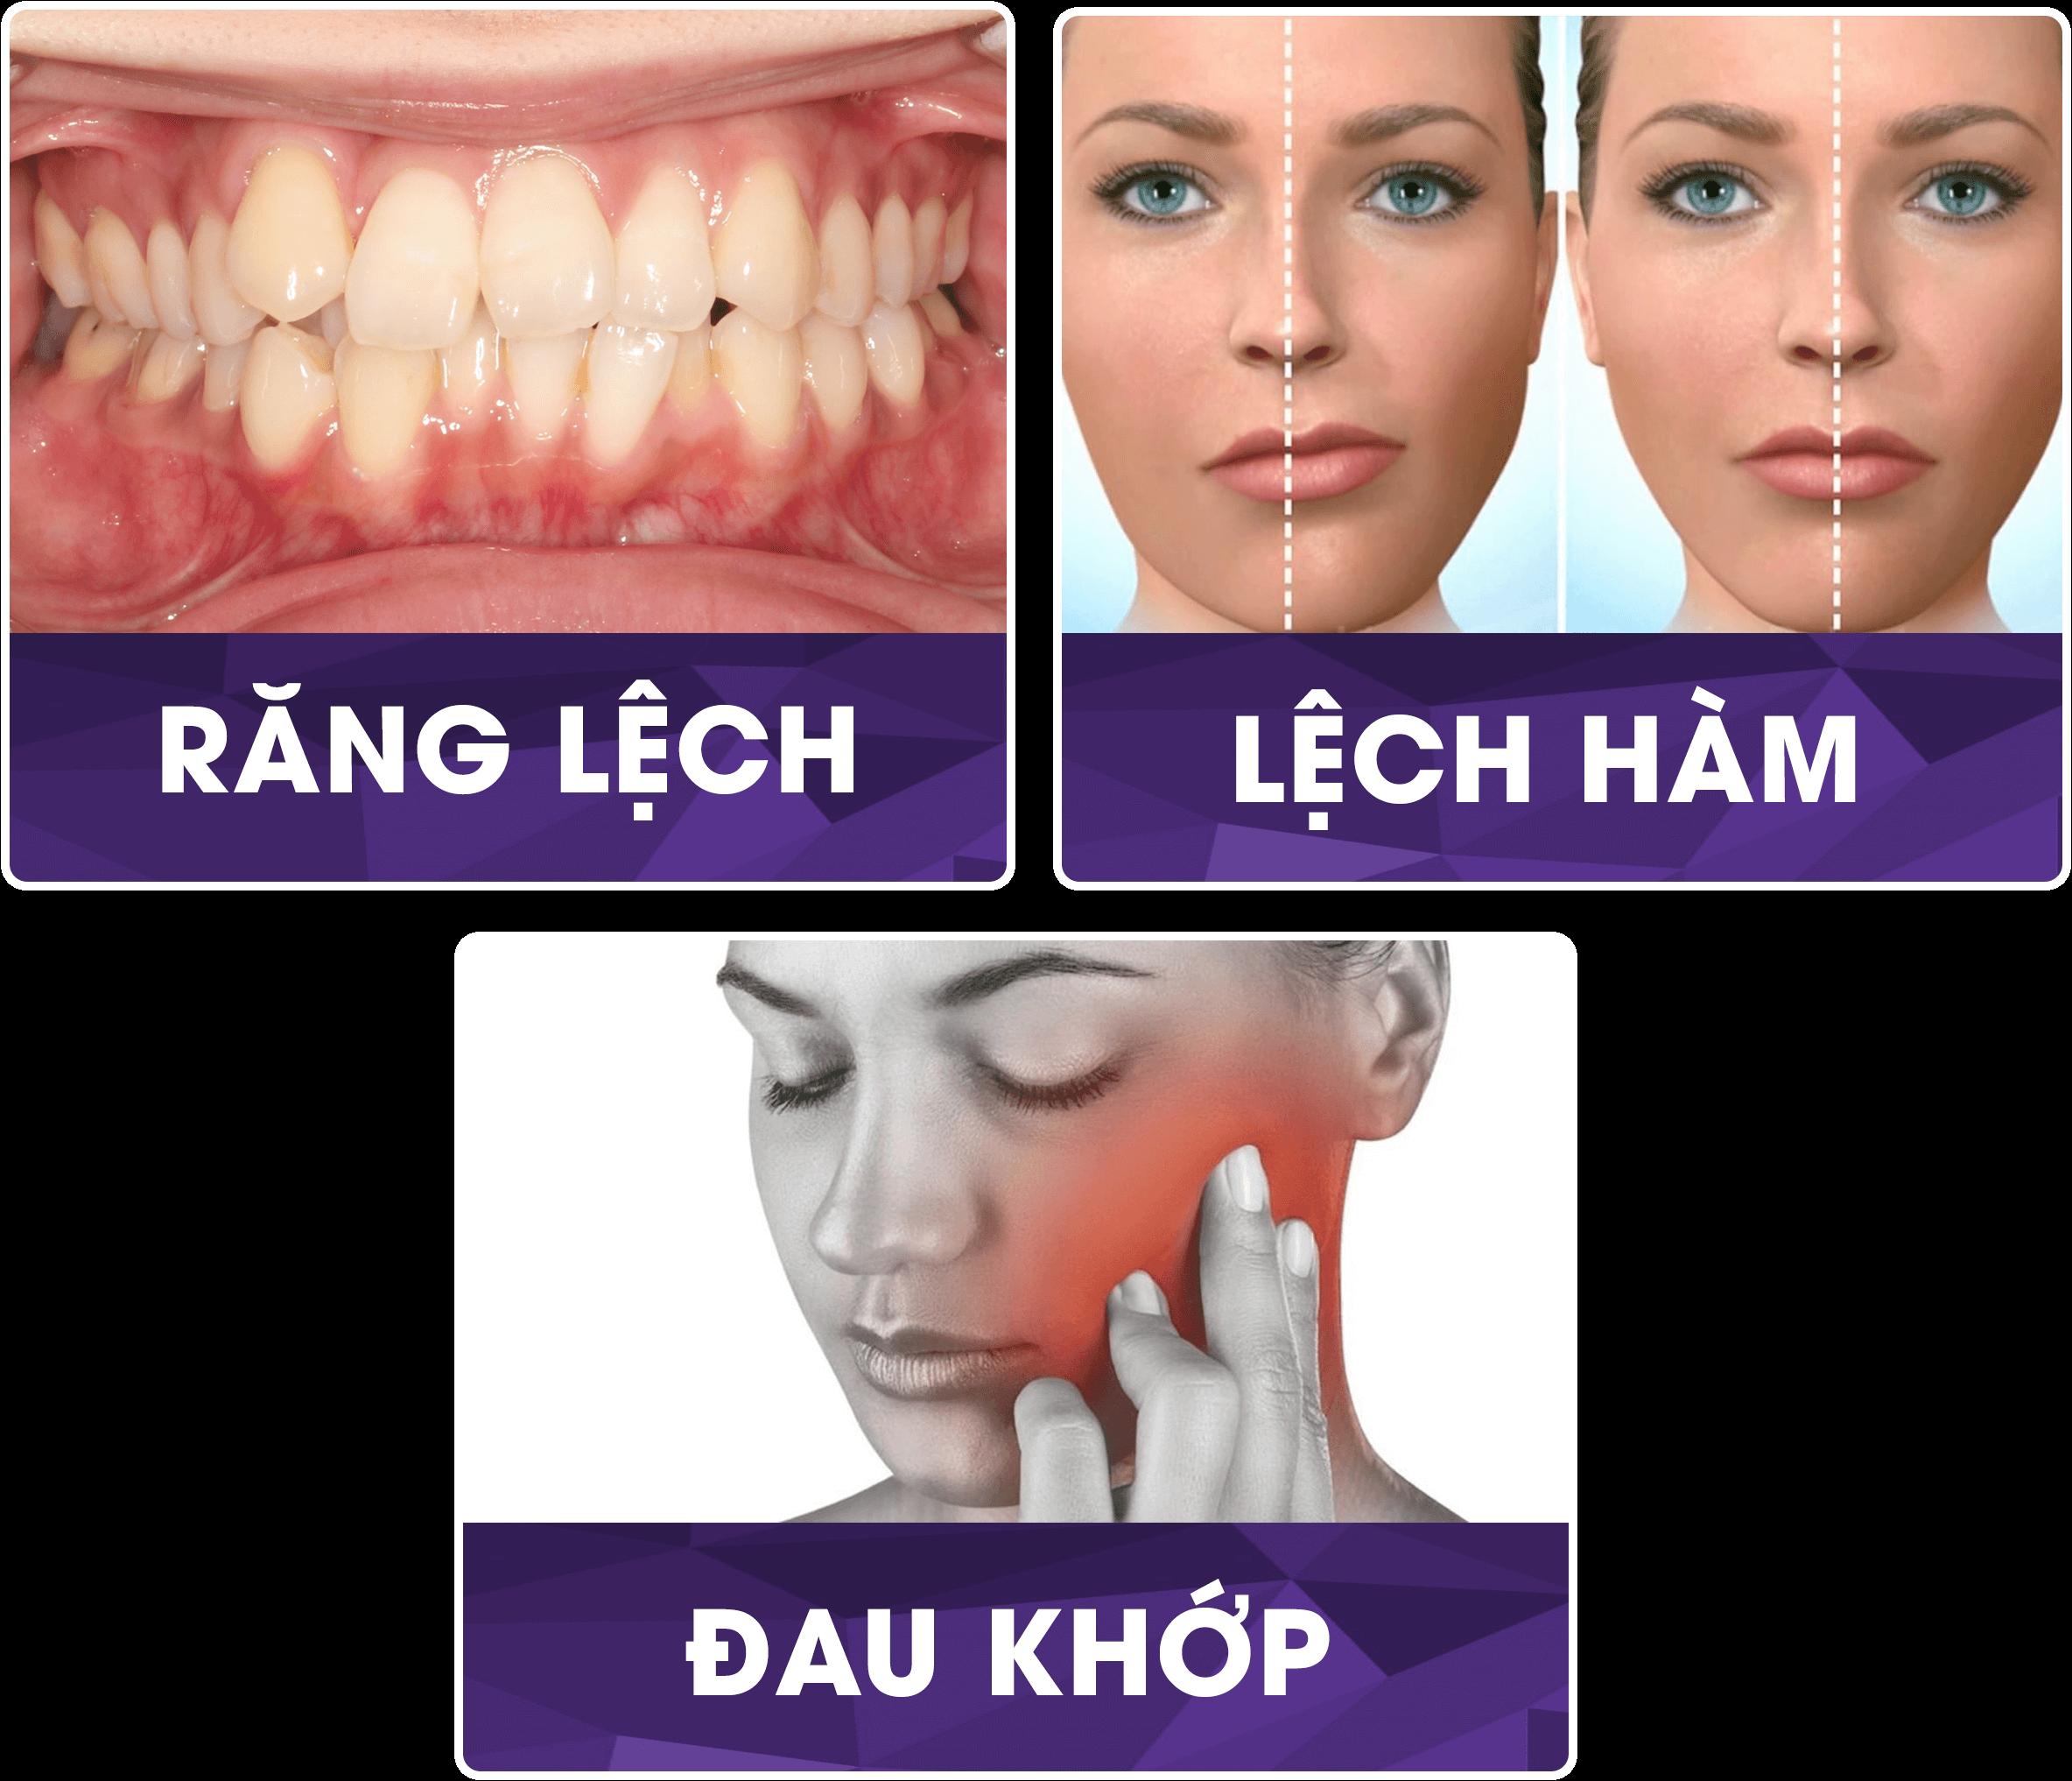 Niềng răng hỏng có niềng được lại không? 3 mức độ niềng răng hỏng